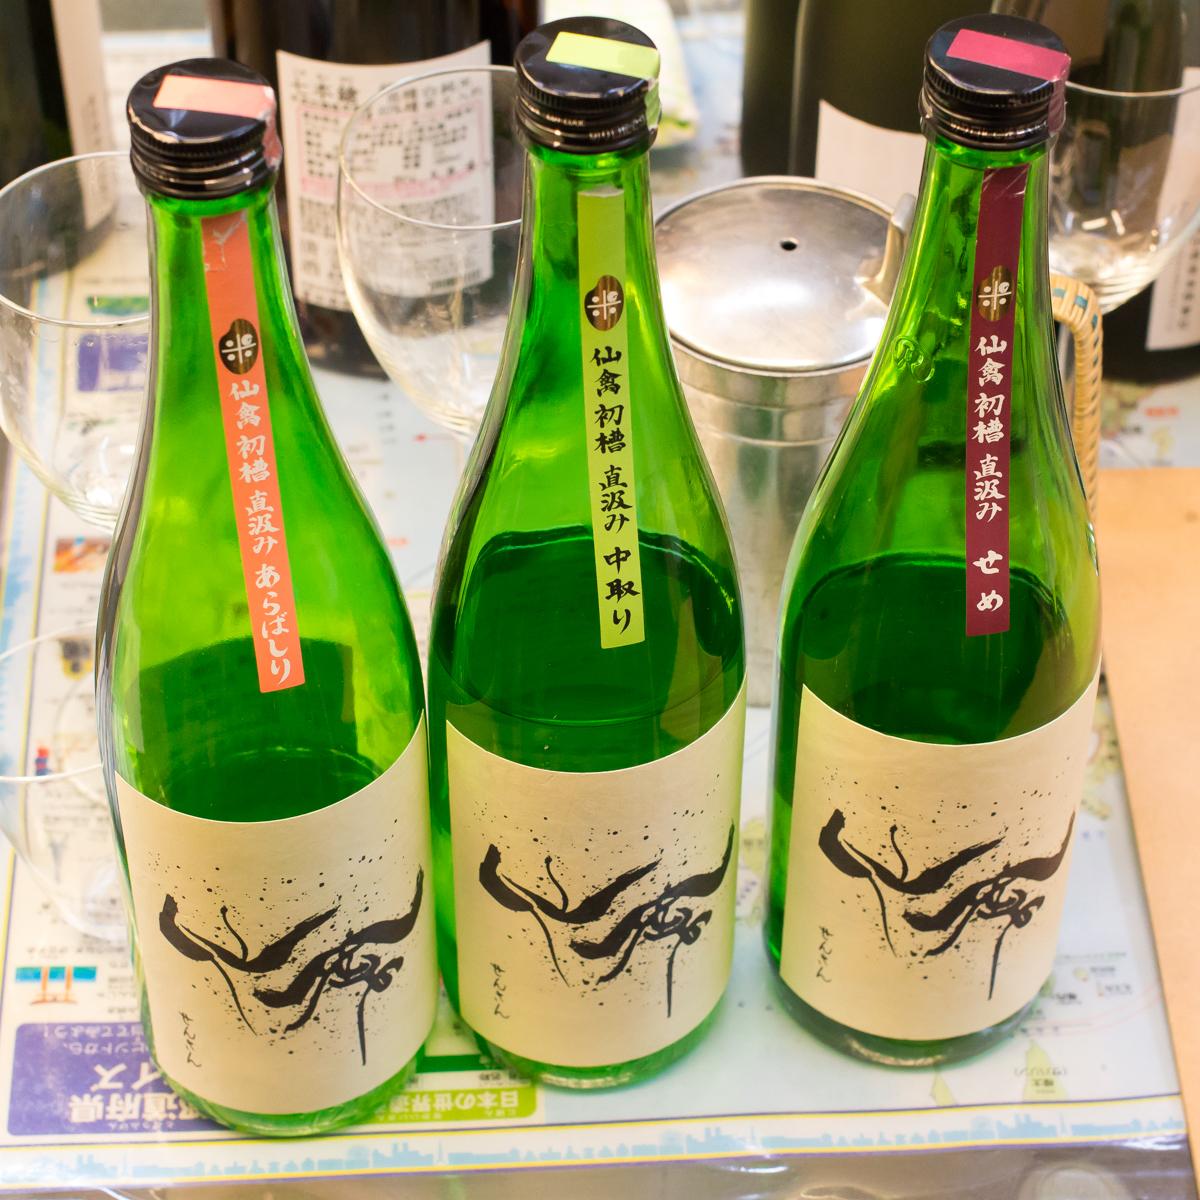 鈴木三河屋「お酒のゼミナール」(11)